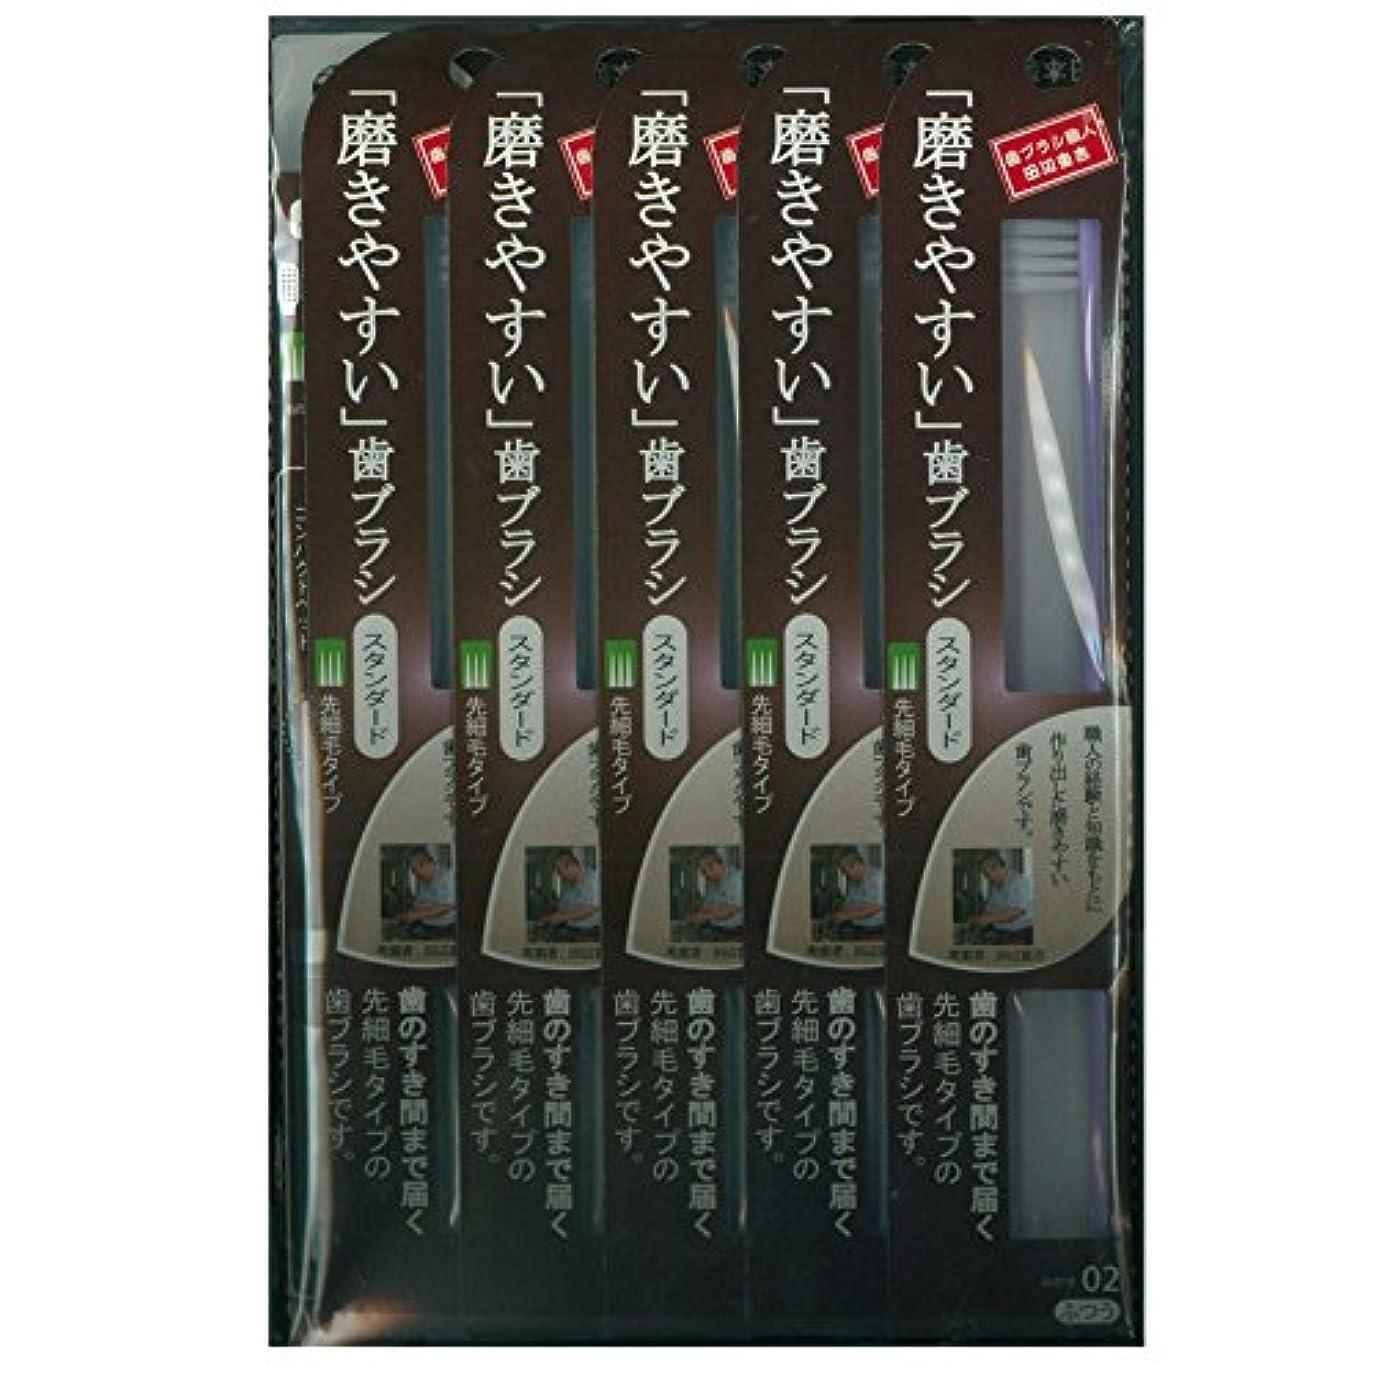 不均一膜池磨きやすい歯ブラシ先細 LT-02×12本セット( ピンク×4本、ブルー×4本、グリーン×2本、パープル×2本)